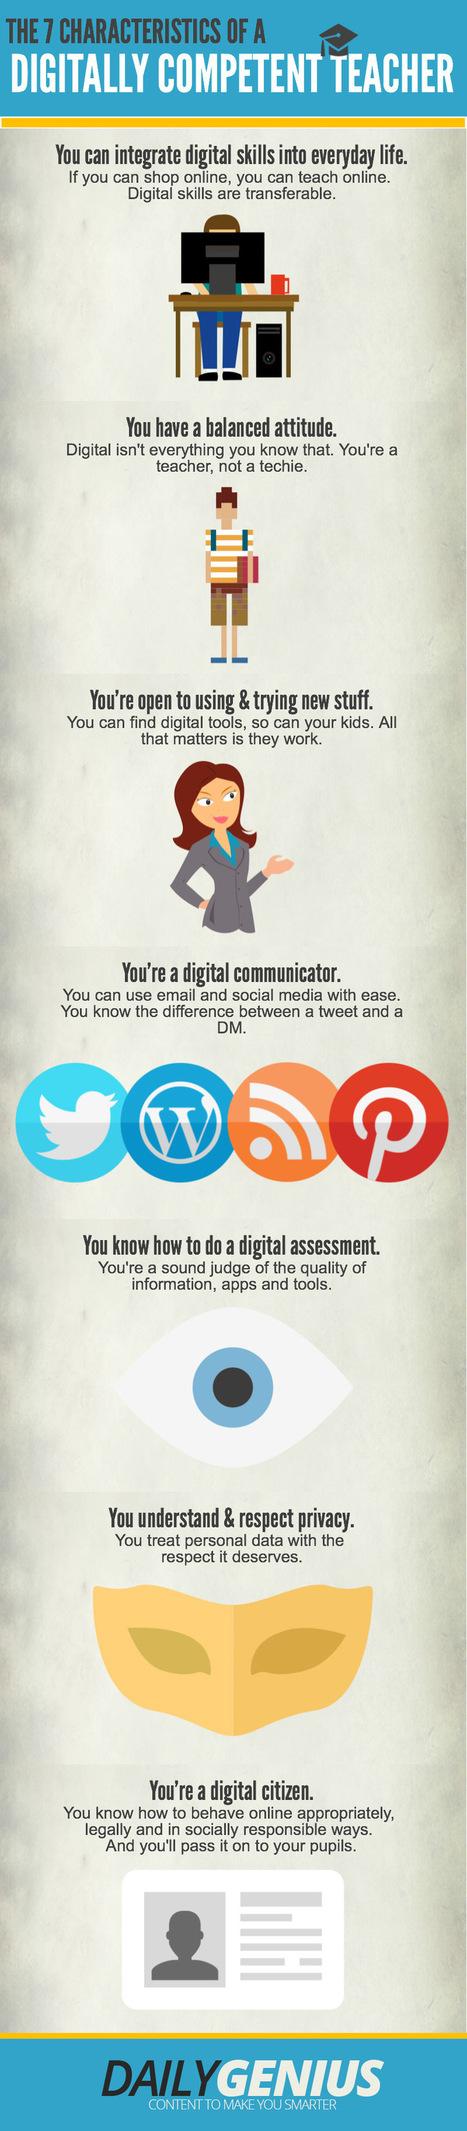 Ben jij een digitaal competente leerkracht? Dan heb je wellicht deze 7 eigenschappen (infografiek) | Onderwijs van morgen | Scoop.it